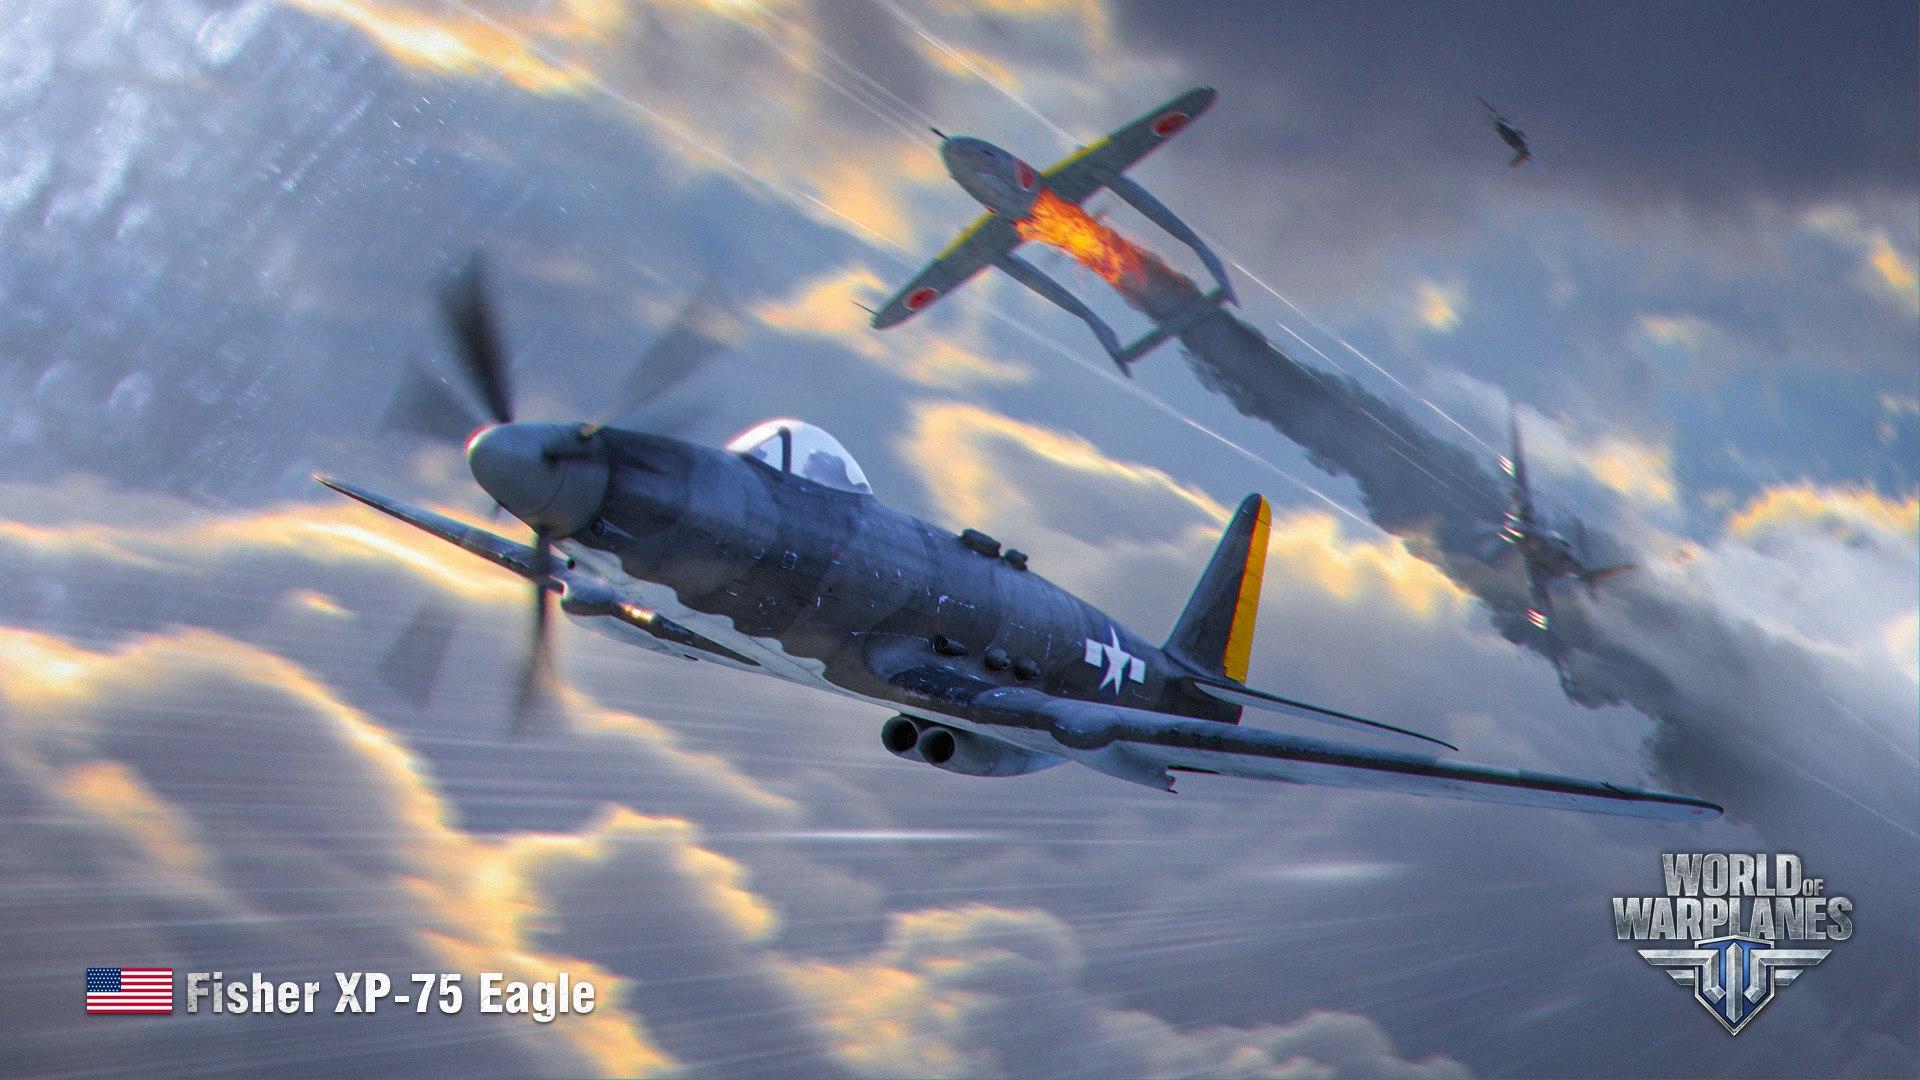 рисунок Fisher XP-75 Eagle